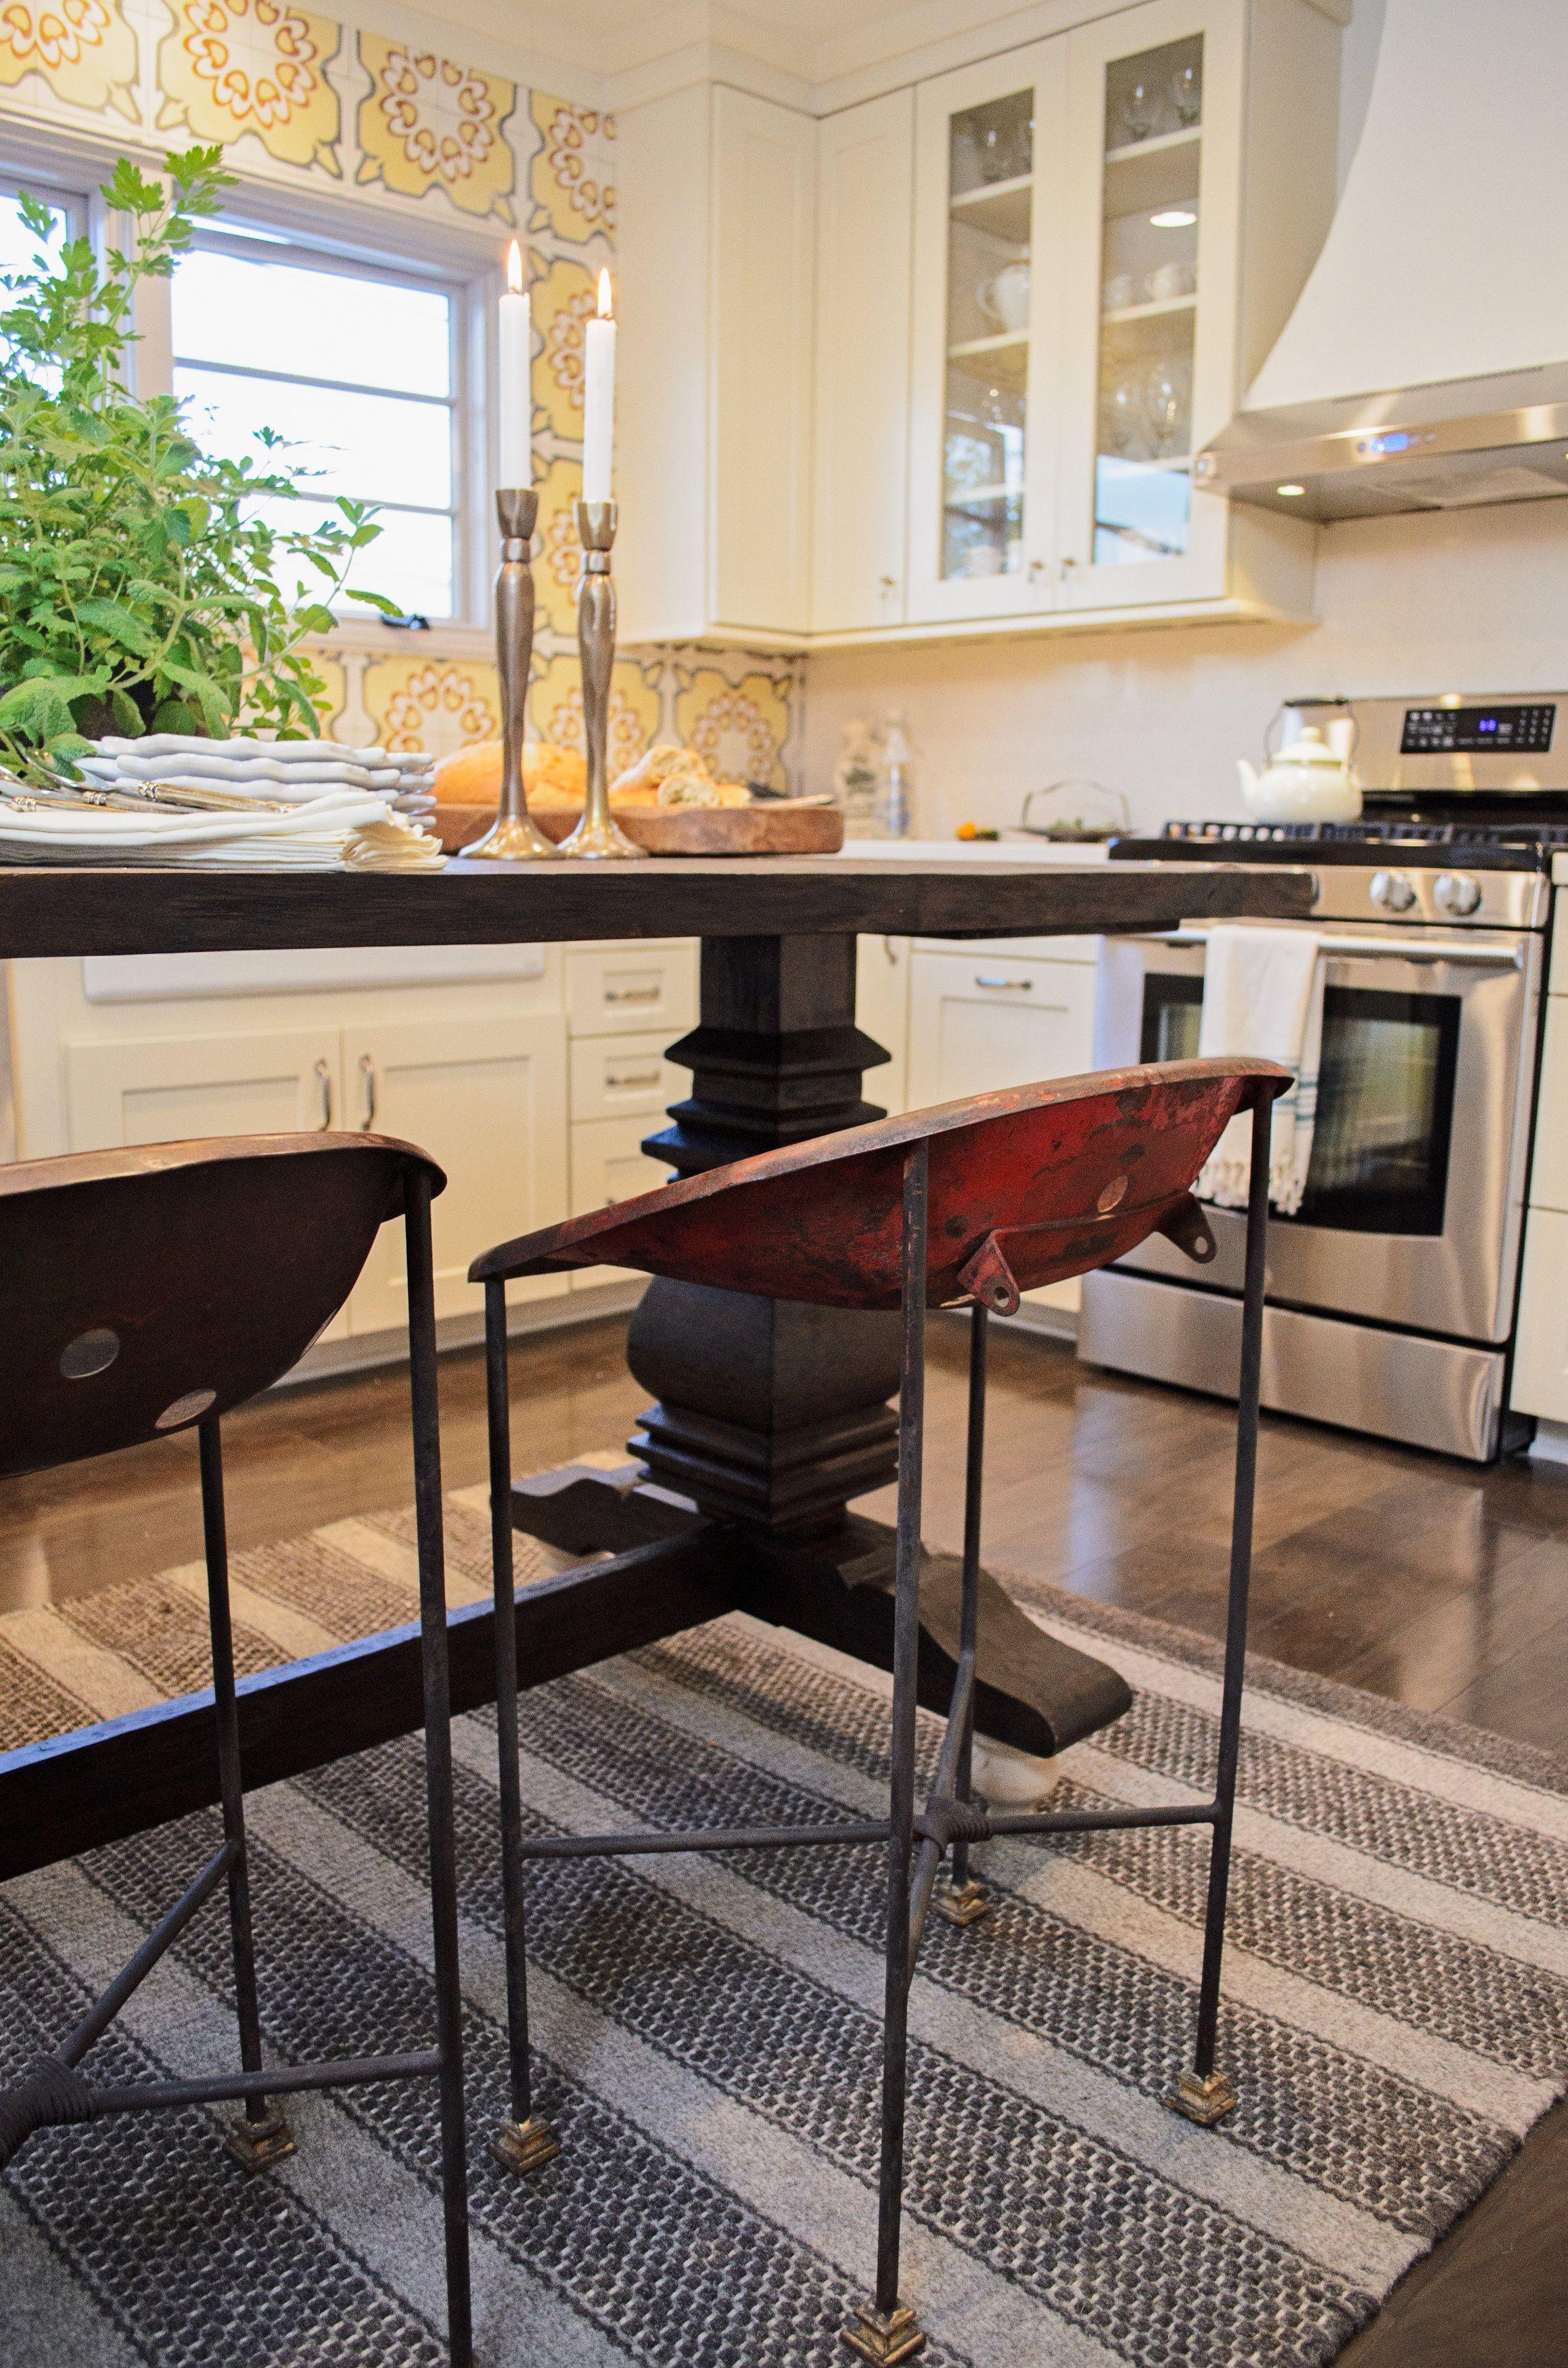 Dreambuilders Designer Lukas Re Designed Kitchen Teamred Design Renovation Homeimprovem Bar Height Kitchen Table Dining Table In Kitchen Kitchen Design